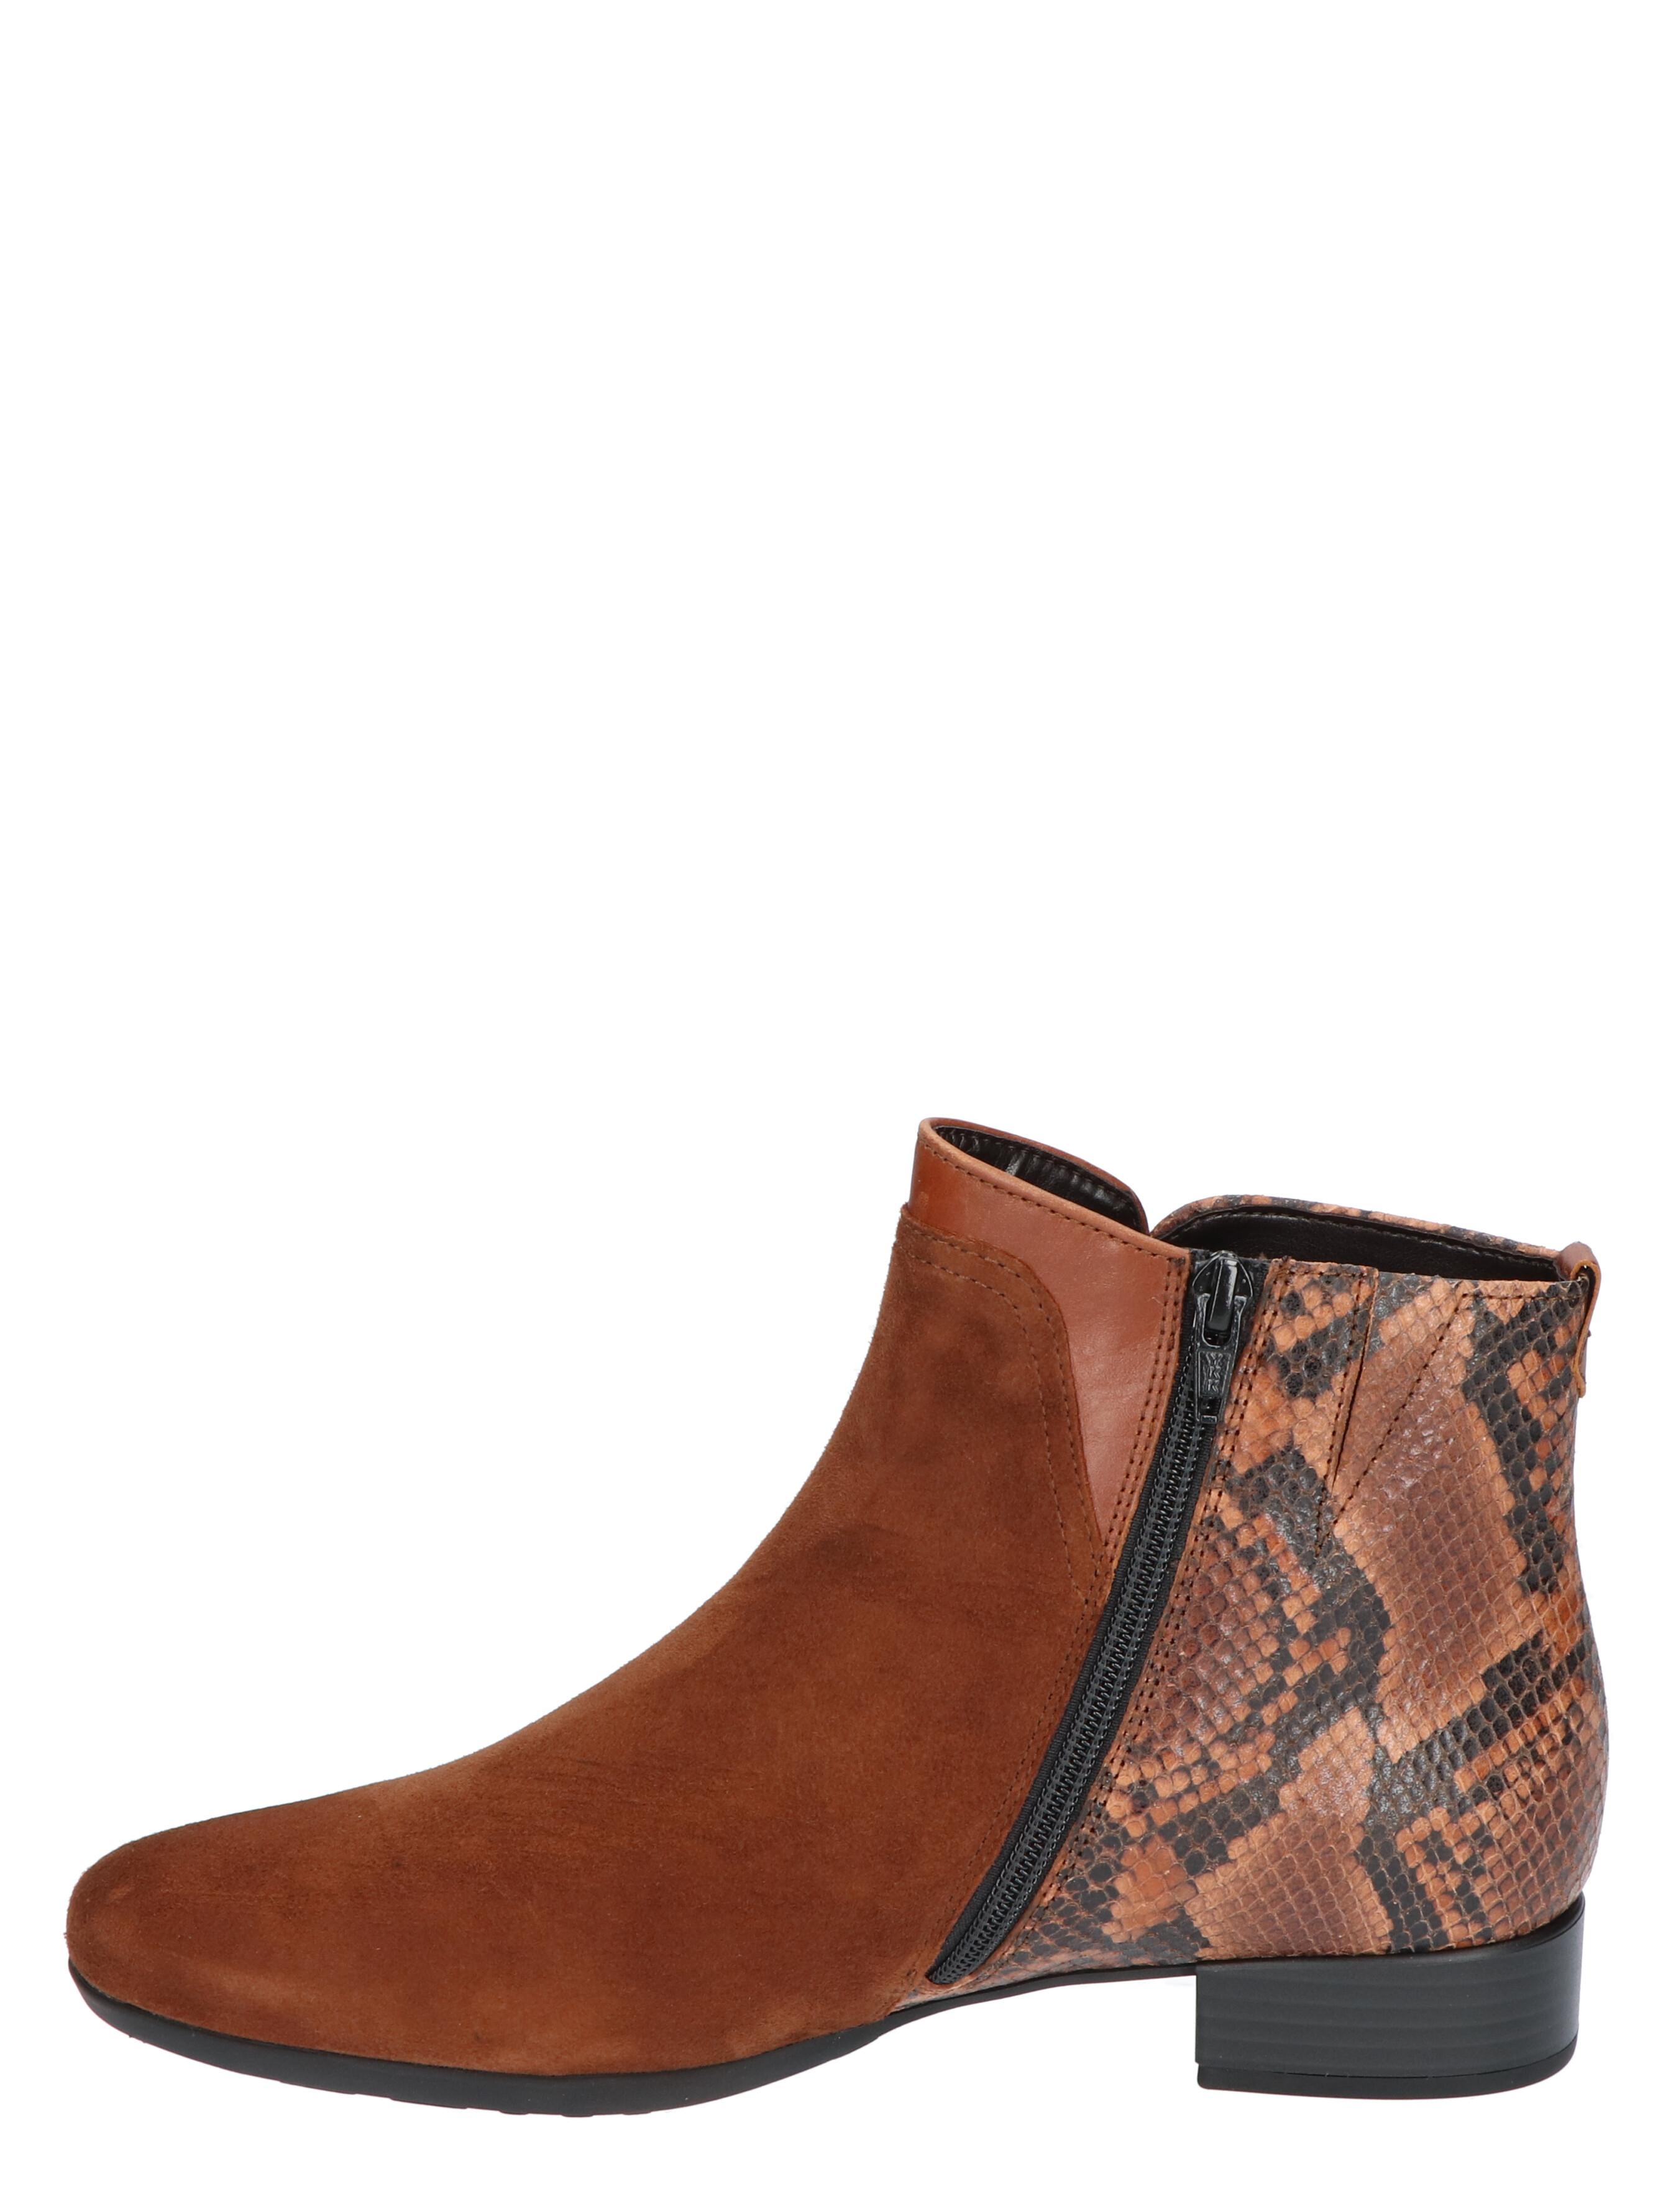 Gabor 72.712 Brown H-Wijdte Boots